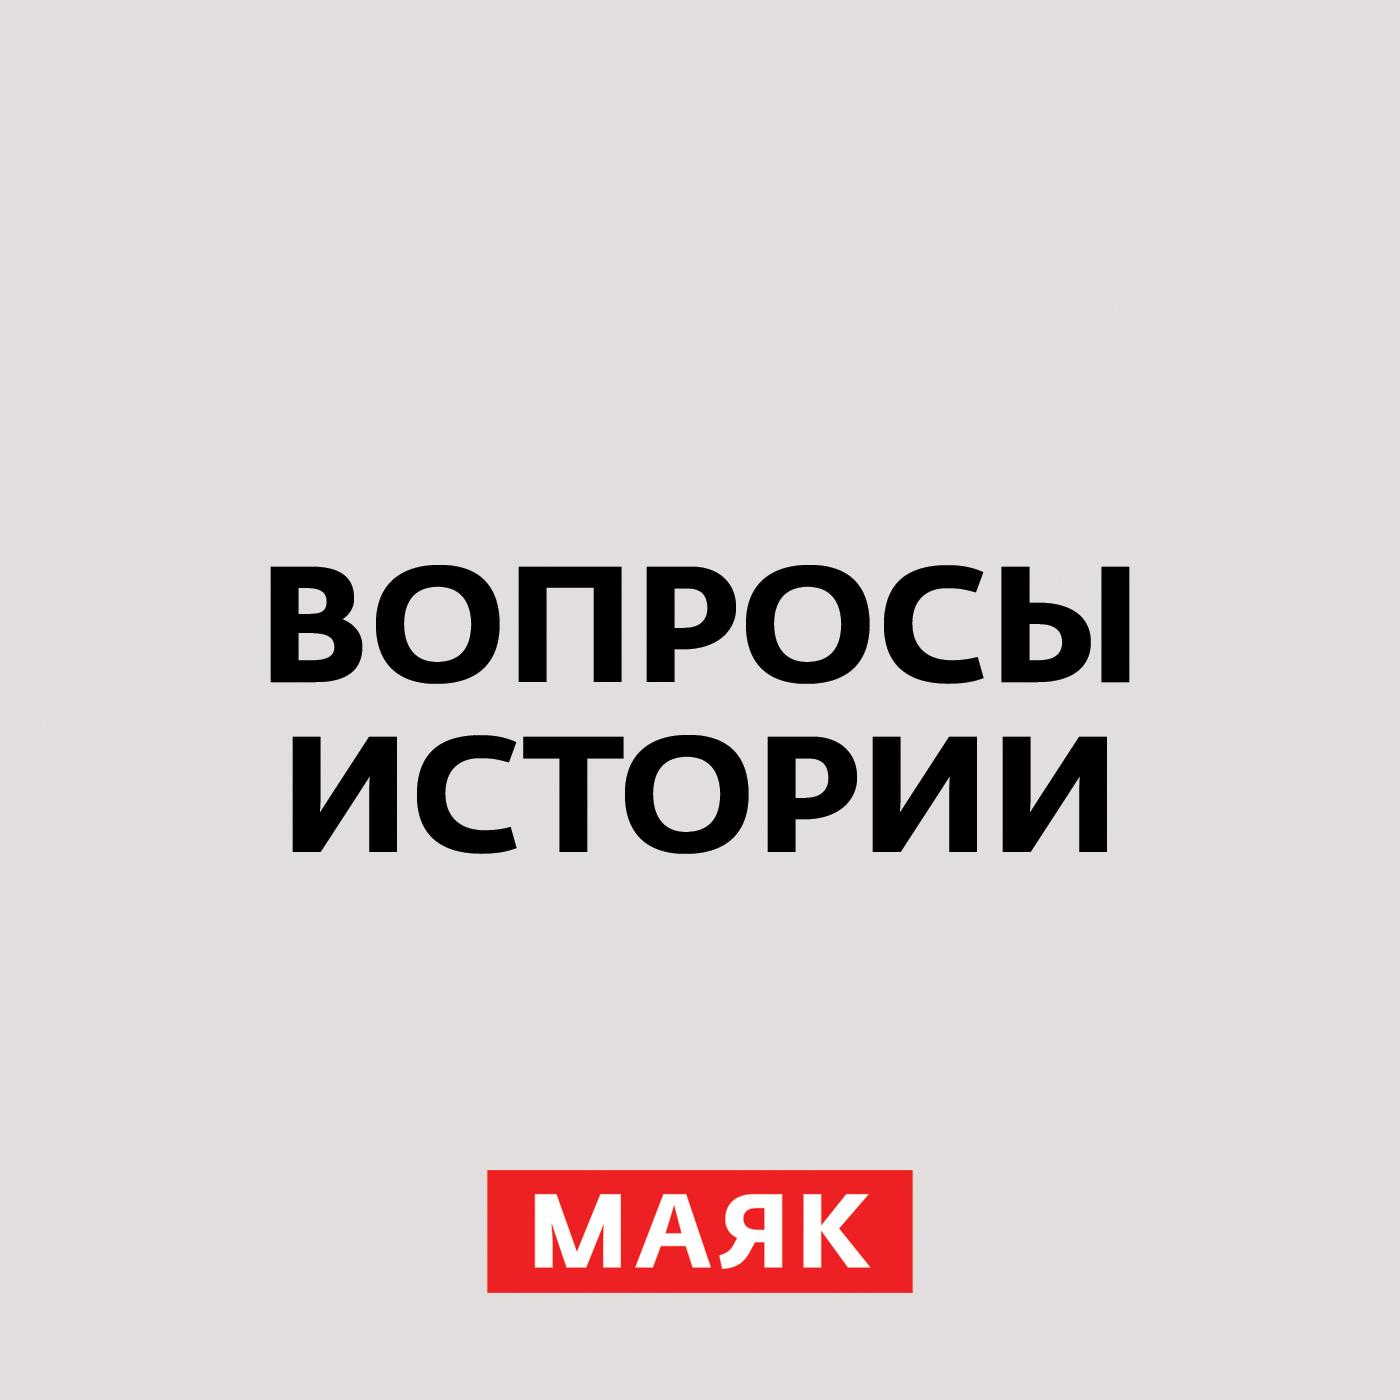 Андрей Светенко 23 февраля: мифы и реальность андрей светенко ленд лиз в годы вов мифы и реальность